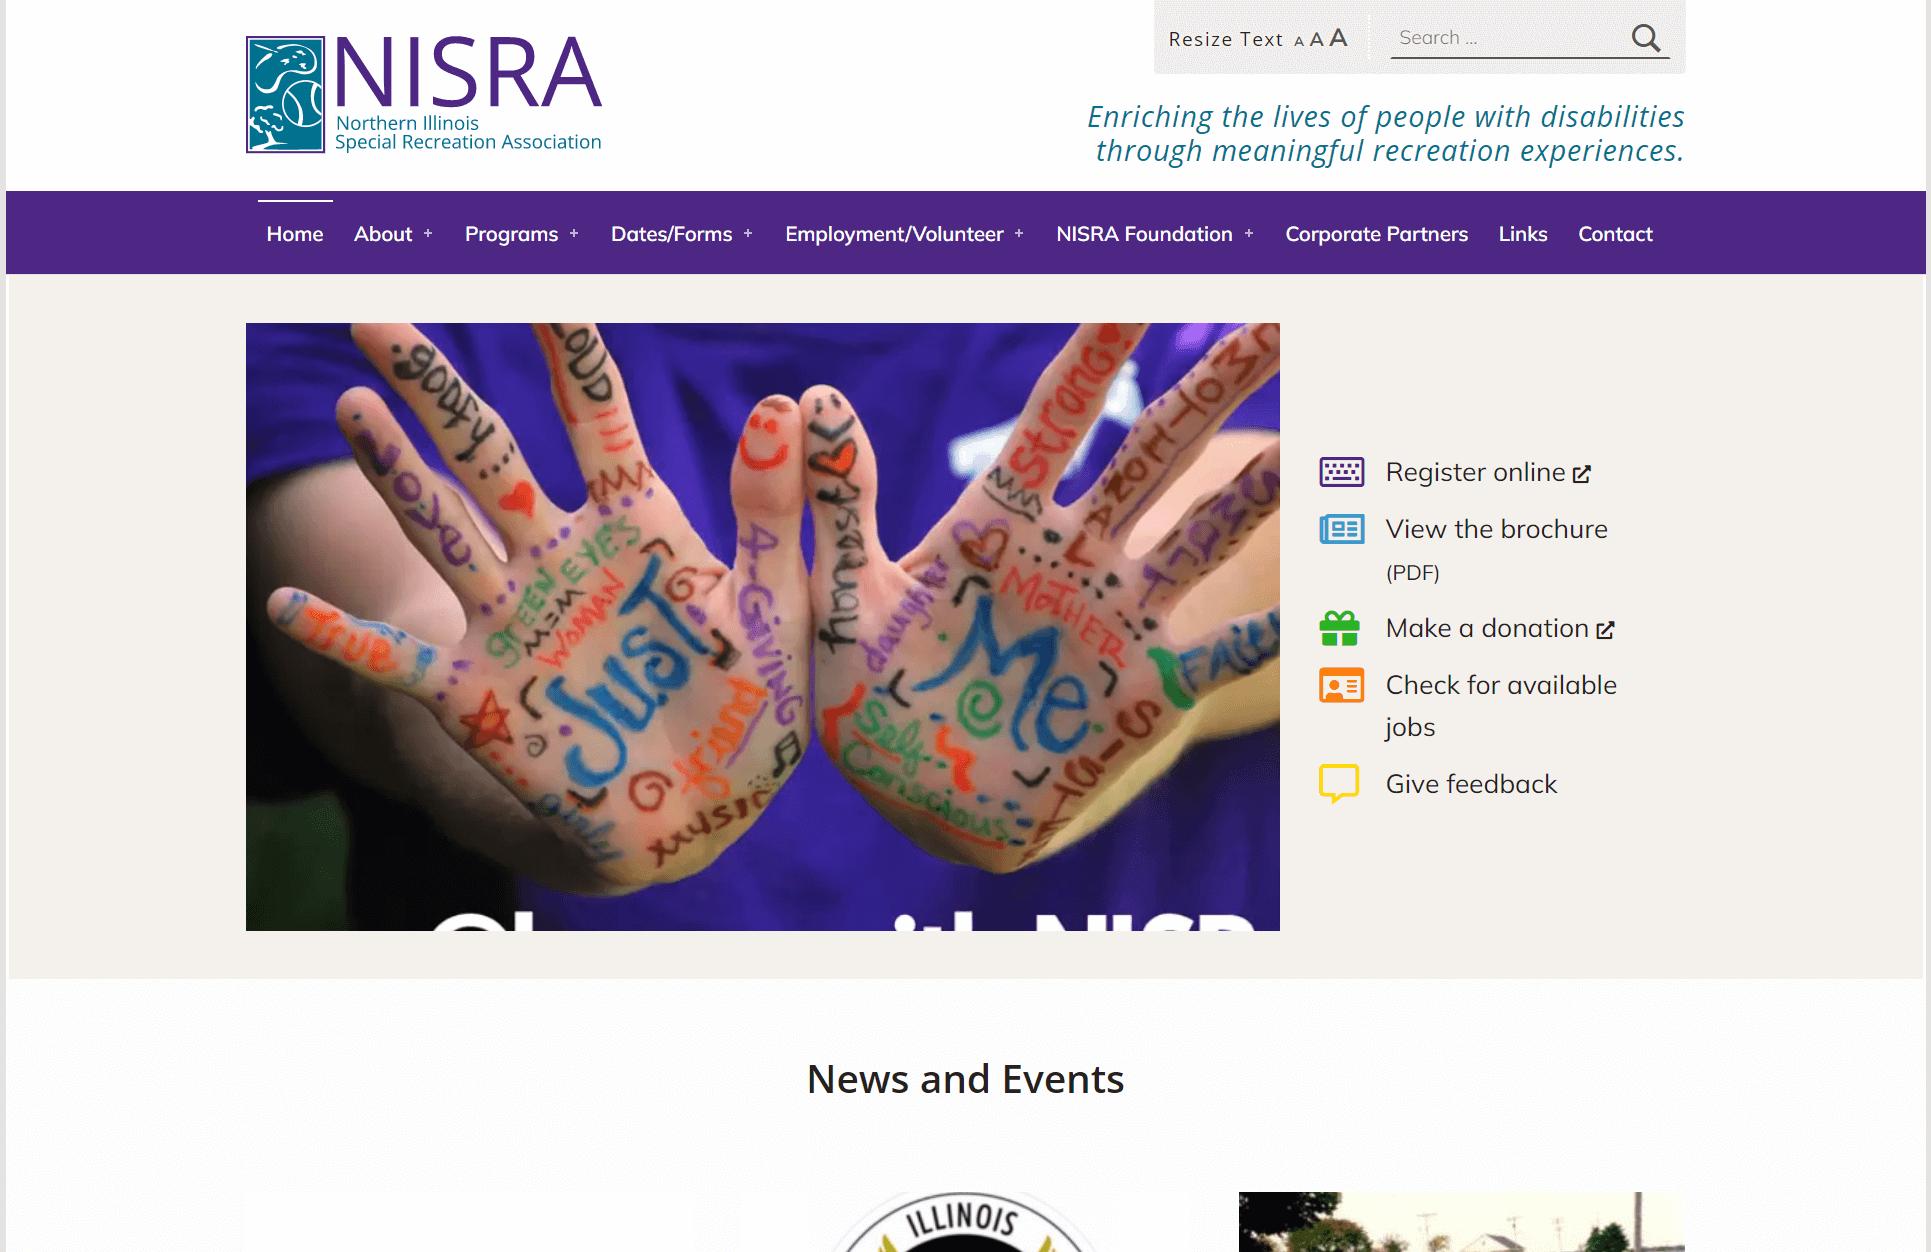 www.nisra.org